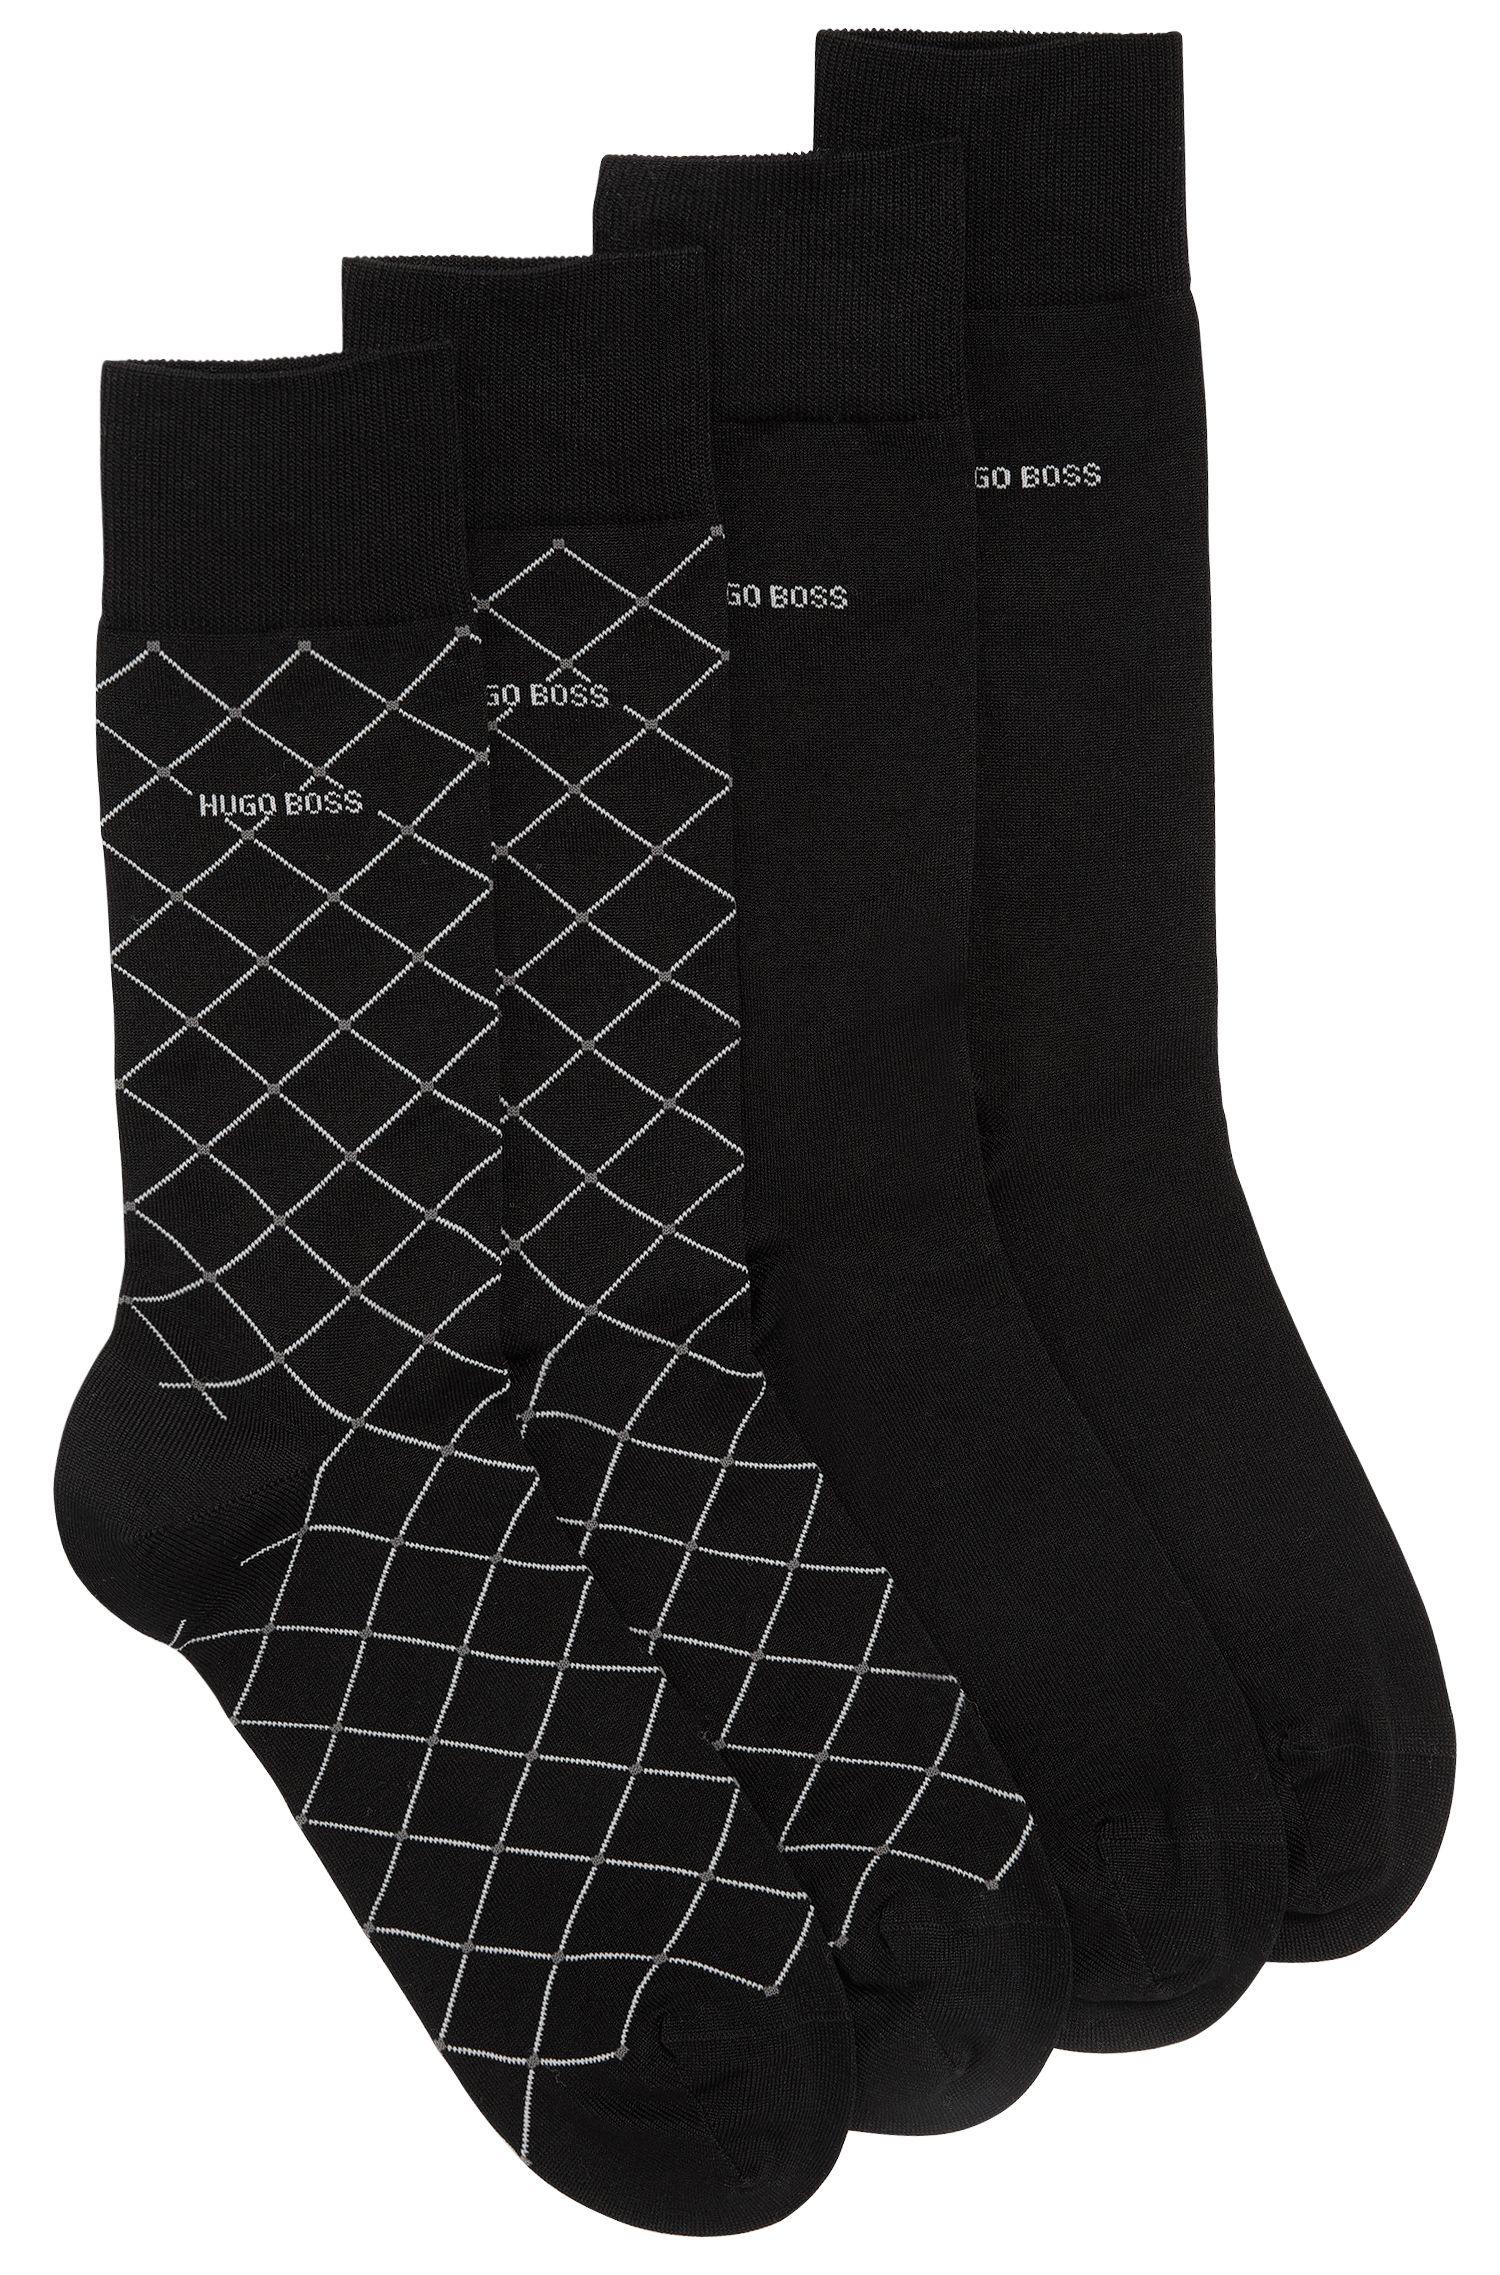 Paquete de dos pares de calcetines de largo normal en mezcla de algodón mercerizado